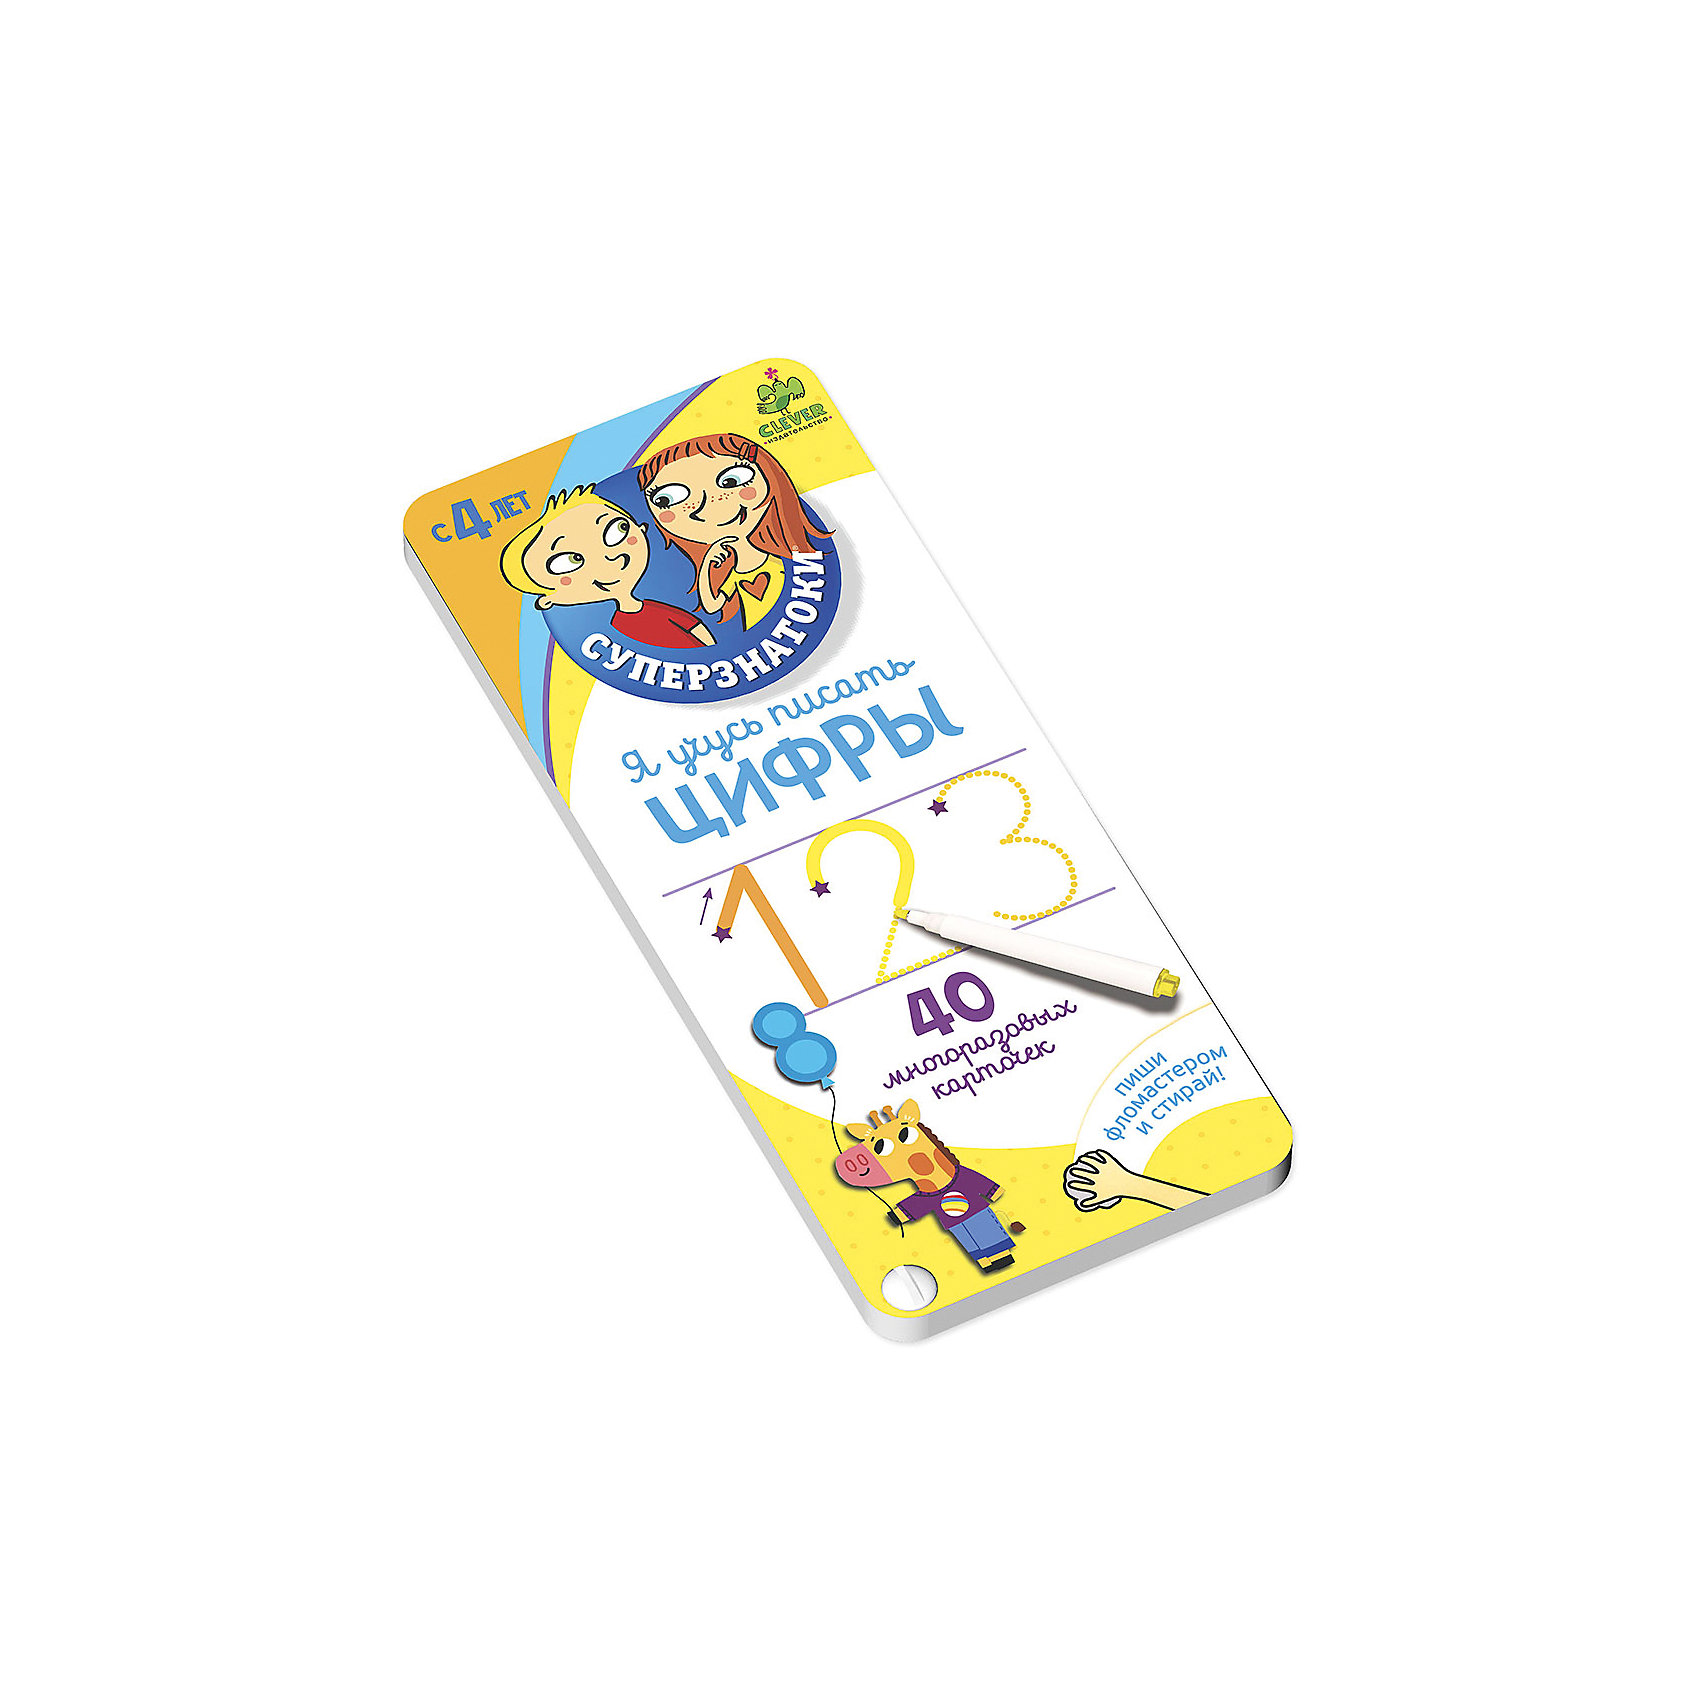 Книжка-блокнот Я учусь писать цифрыПособия для обучения счёту<br>Книжка-блокнот Я учусь писать цифры в увлекательной игровой форме поможет ребенку научиться писать цифры. Книга ориентирована на обучение дошкольников письму. 40 ярких и красочных многоразовых карточек-прописей, на которых можно писать фломастером, а затем стирать, помогут ребенку легко и быстро изучить написание цифр. Помимо обучения письму, детям предложены 30 маленьких игр на счет (например, посчитать сколько ног у животных и подписать цифру) и 2 карточки с рельефными цифрами, которые можно исследовать осязательно. Звёздочки в точках начала письма и направляющие стрелки помогут малышу писать правильно. Предложенные в блокноте игры обращены к разным органам чувств ребёнка: в них нужно изобразить цифру при помощи своего тела, понять, чем она отличается от других чисел, написать ее на ладошке или спине другого человека и другие задания. Карточки имеют удобный большой формат и выполнены из плотного ламинированного картона высокого качества.<br><br> Дополнительная информация:<br><br>- Авторы: Тома Бурже, Жан-Луи Бруст, Марин Курвуазье.<br>- Художник: Марион Бийе.<br>- Серия: Суперзнатоки. Я учусь писать.  <br>- Переплет: мягкая обложка.<br>- Иллюстрации: цветные.<br>- Объем: 40 стр. <br>- Размер: 24 x 10 x 1 см.<br>- Вес: 130 гр. <br><br>Книжку-блокнот Я учусь писать цифры, Клевер Медиа Групп, можно купить в нашем интернет-магазине.<br><br>Ширина мм: 100<br>Глубина мм: 241<br>Высота мм: 4<br>Вес г: 190<br>Возраст от месяцев: 48<br>Возраст до месяцев: 72<br>Пол: Унисекс<br>Возраст: Детский<br>SKU: 4544958